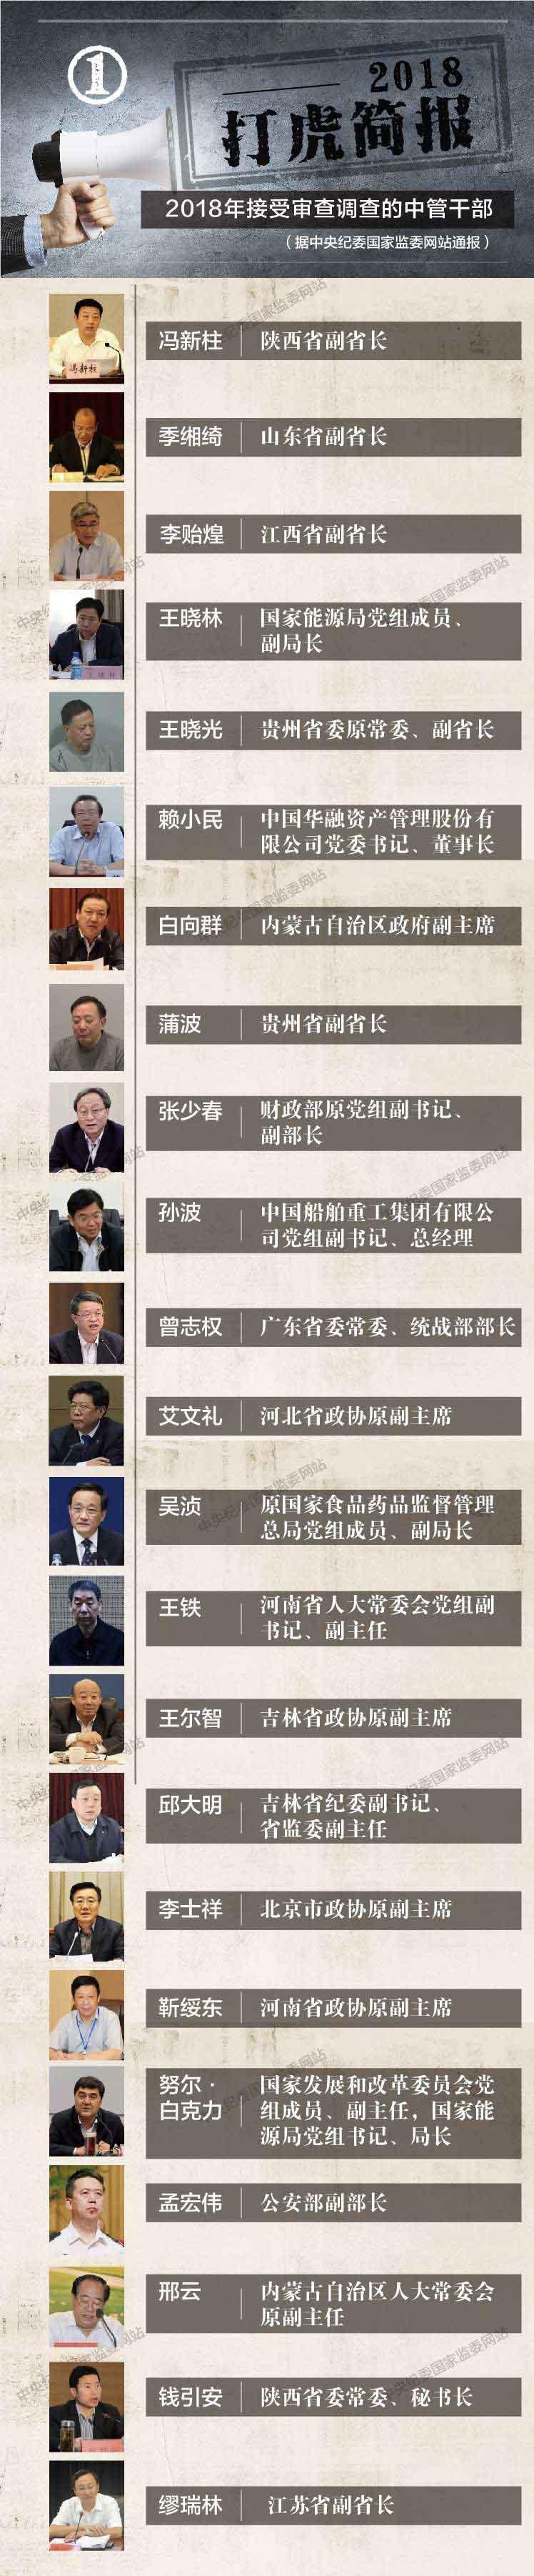 """2018""""打虎""""简报公布 23名中管干部接受审查调查"""